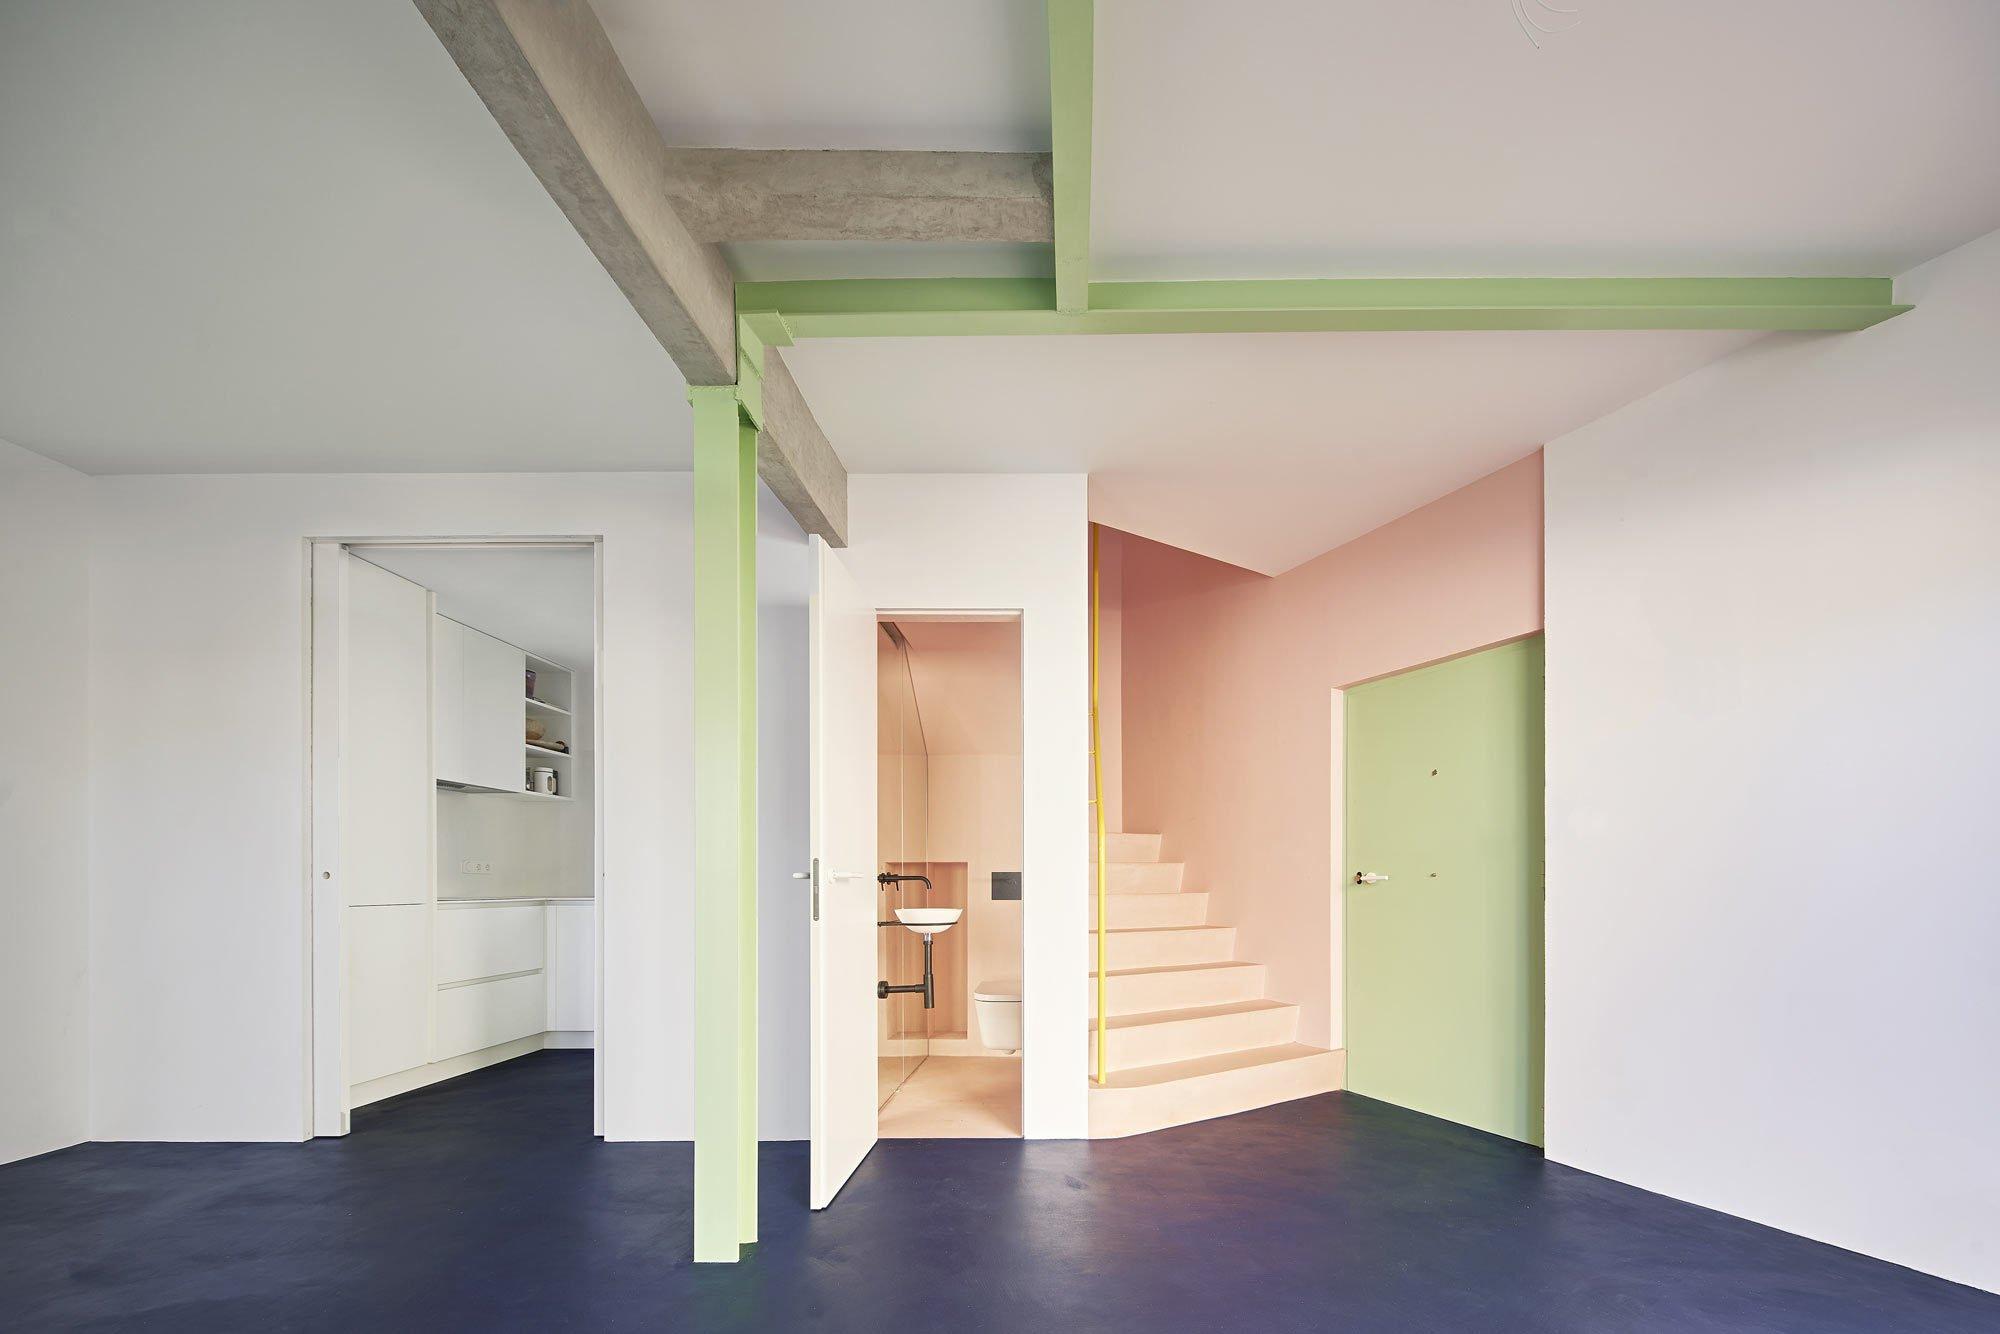 Mit wirkungsvollen Farbkontrasten und fließenden Übergängen verwandelte die Architektin Beatriz Alés ein verschachteltes Haus in eine weitläufige Wohnoase für ein Paar.